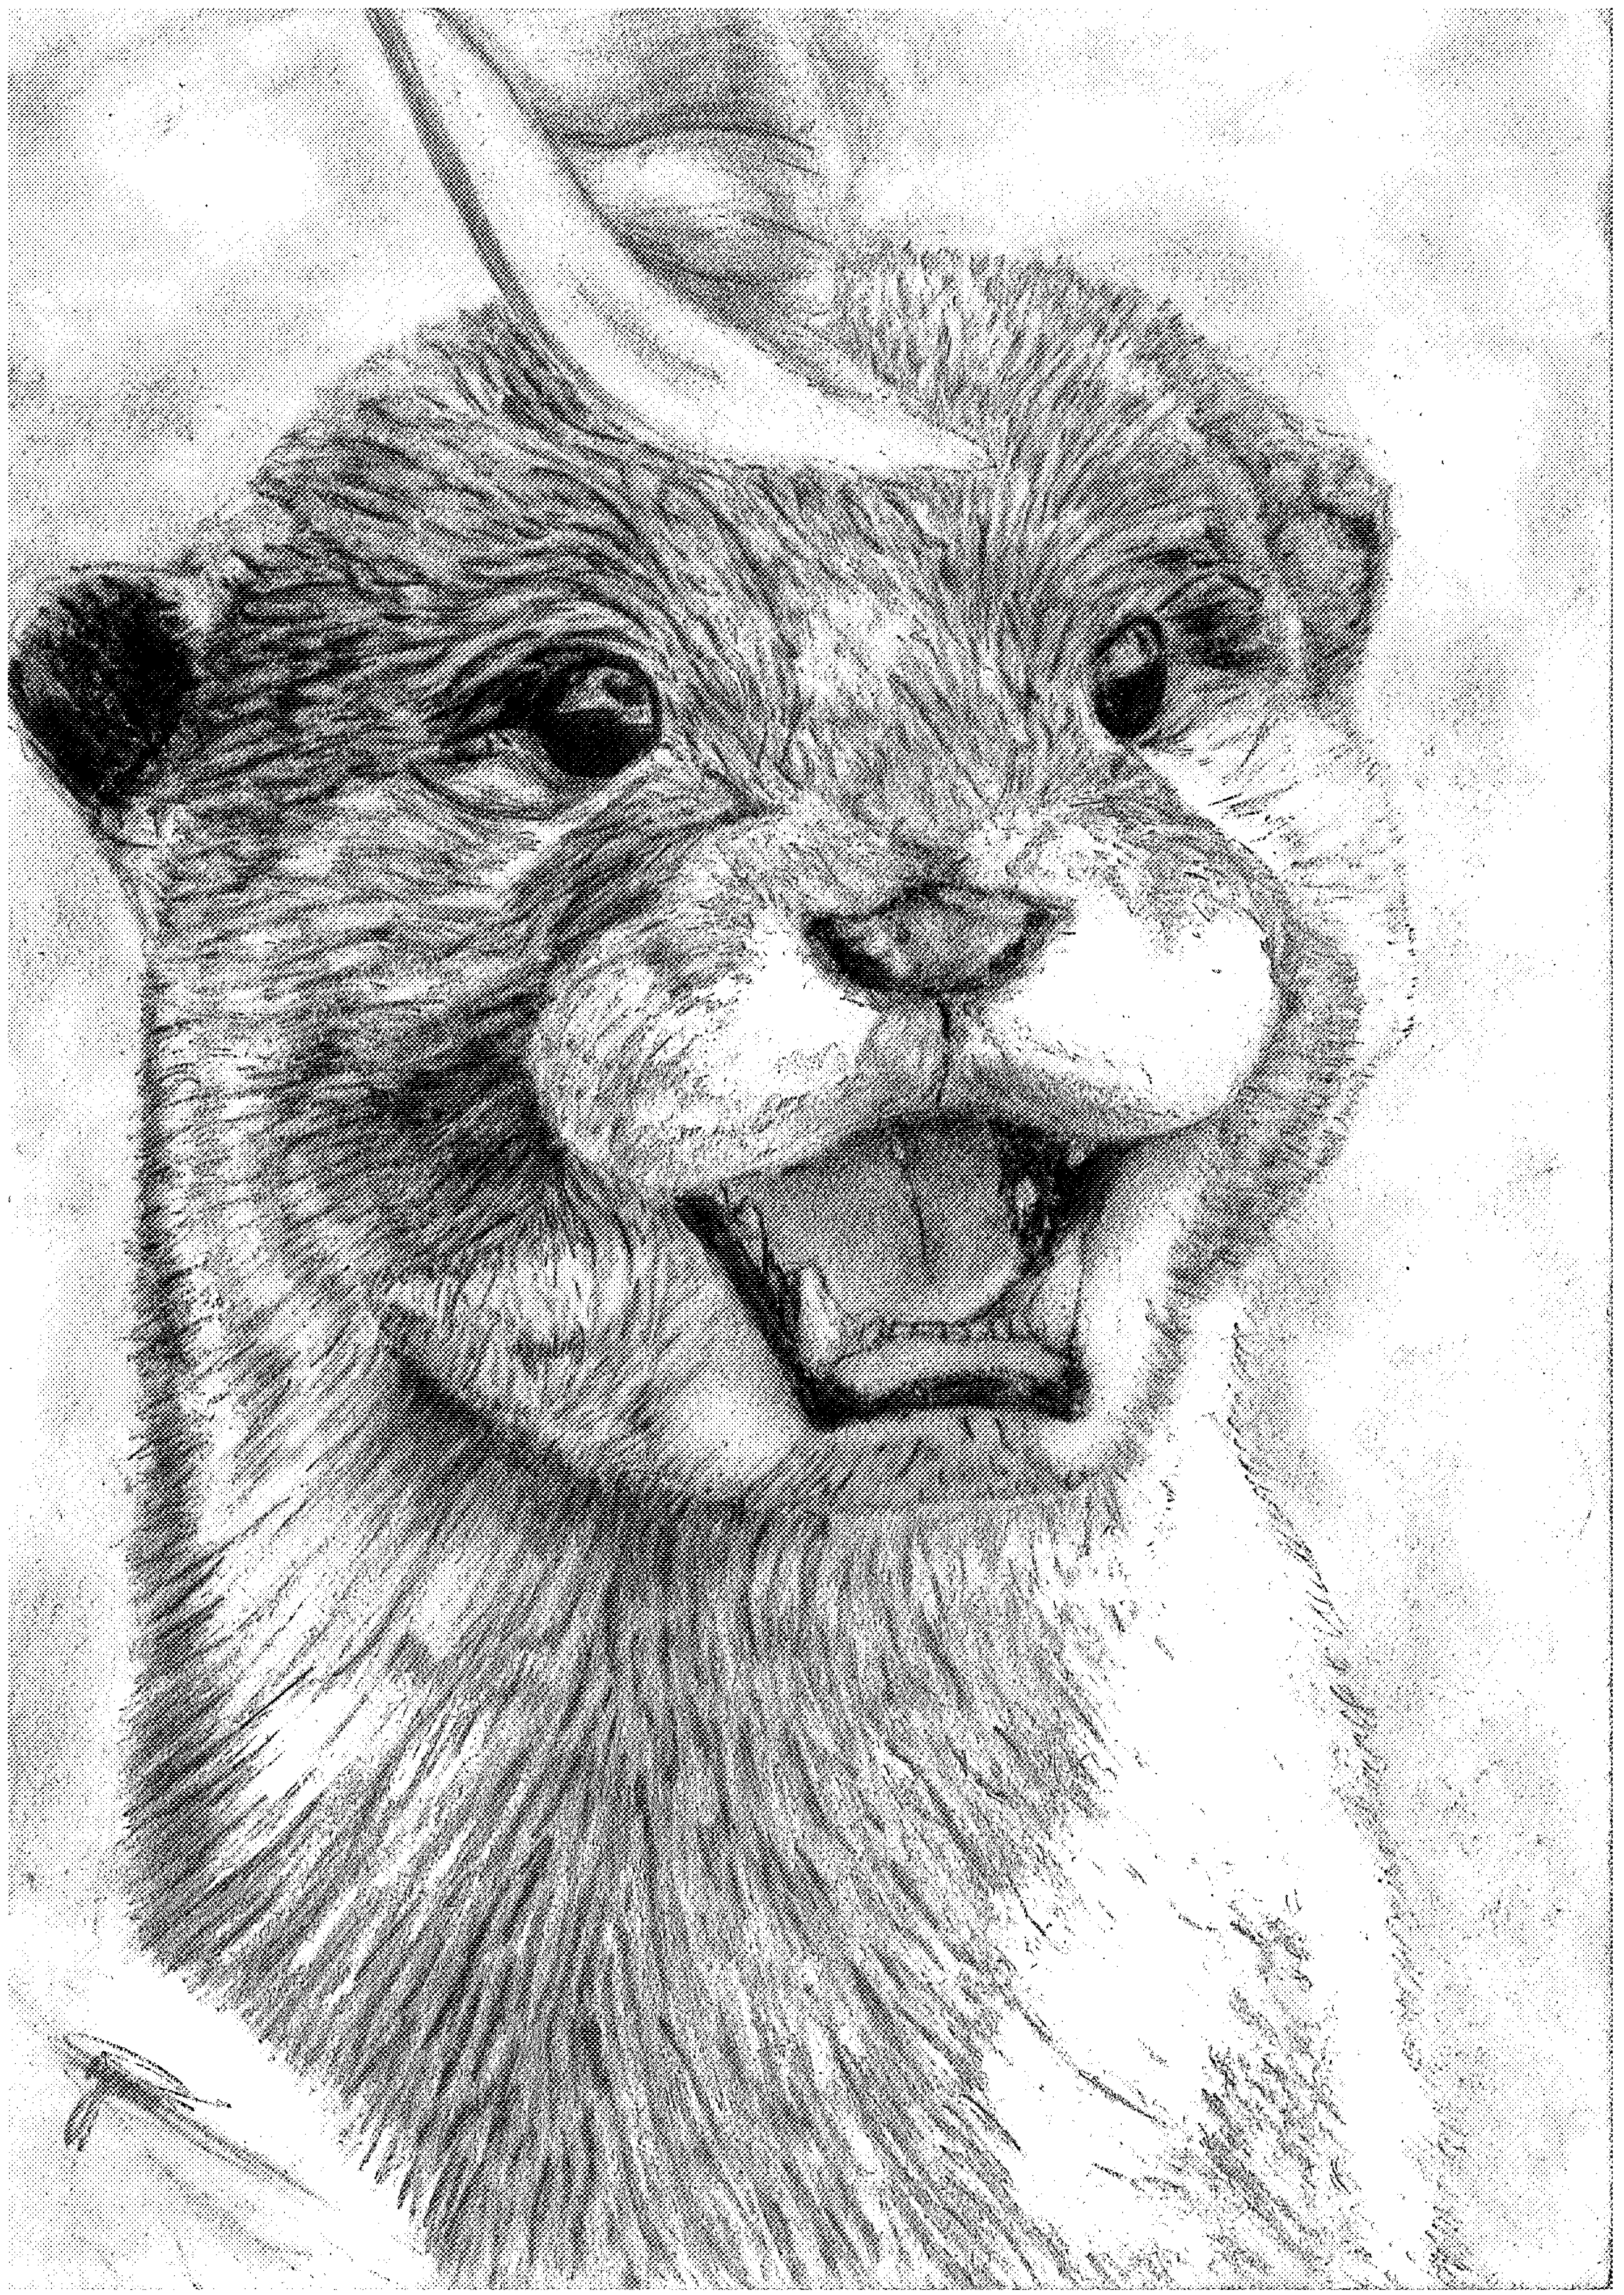 Otter by JonnoGerritsen